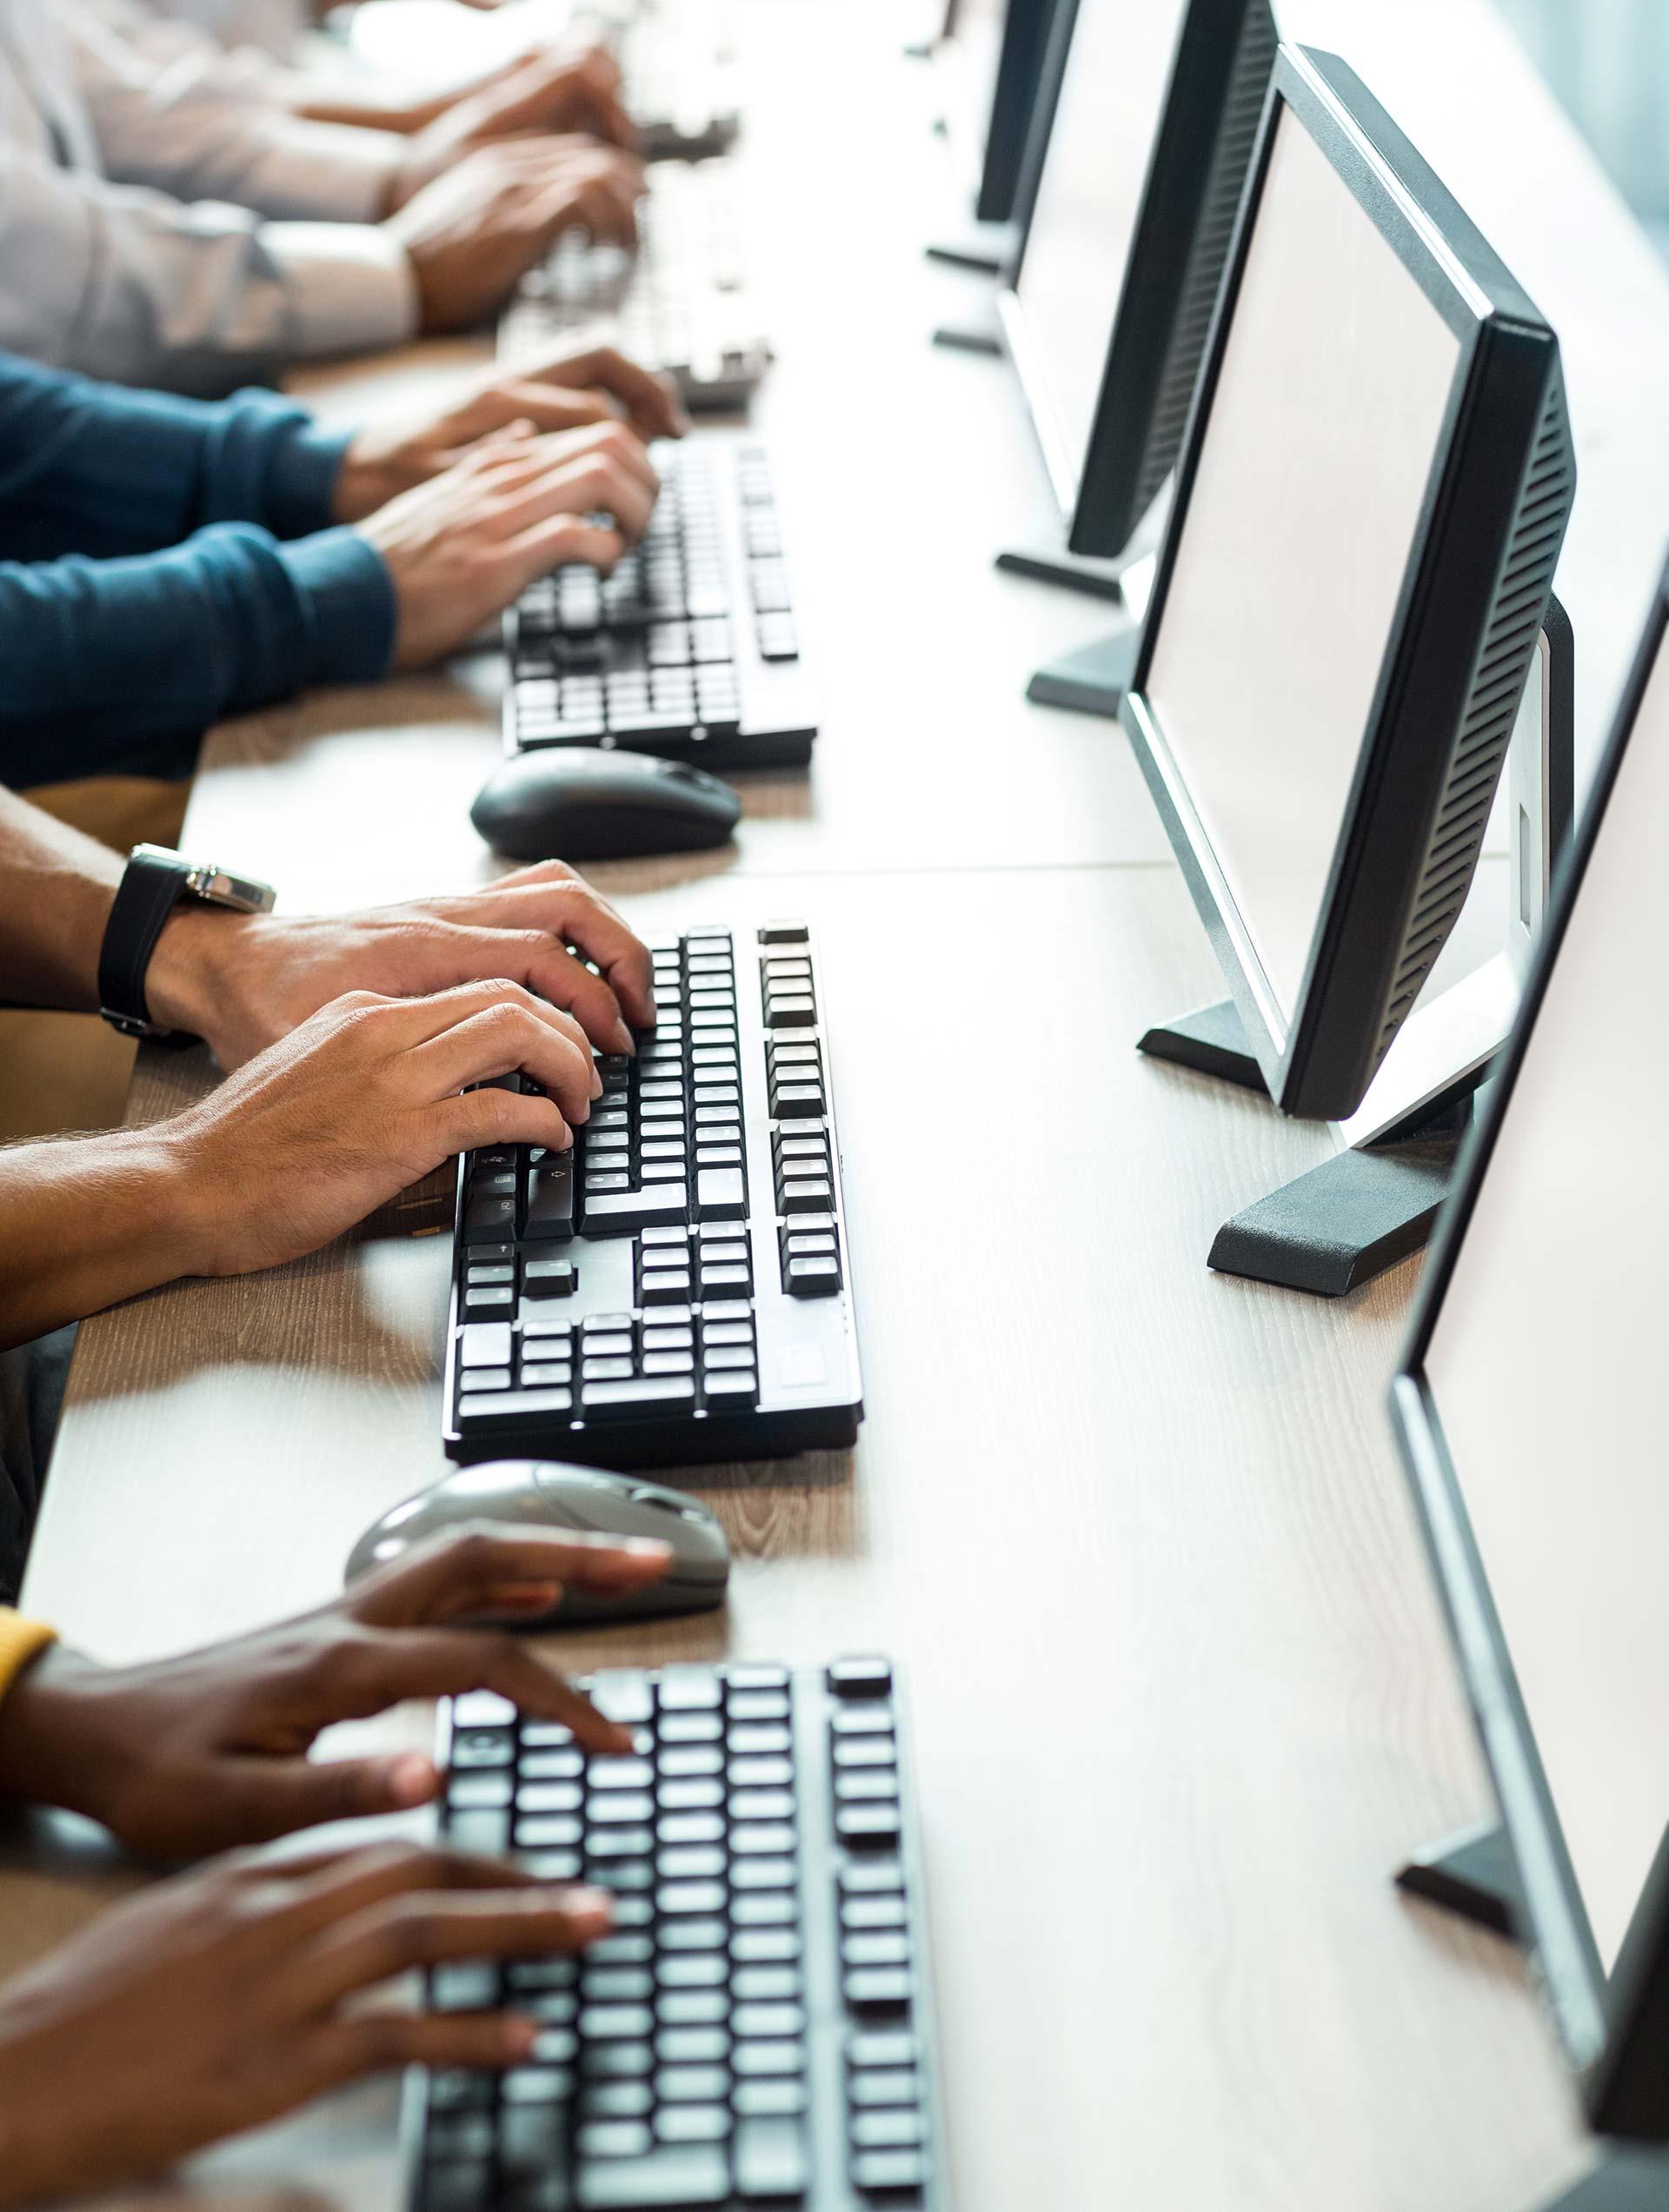 Tecnologías aplicadas a la venta y atención al cliente